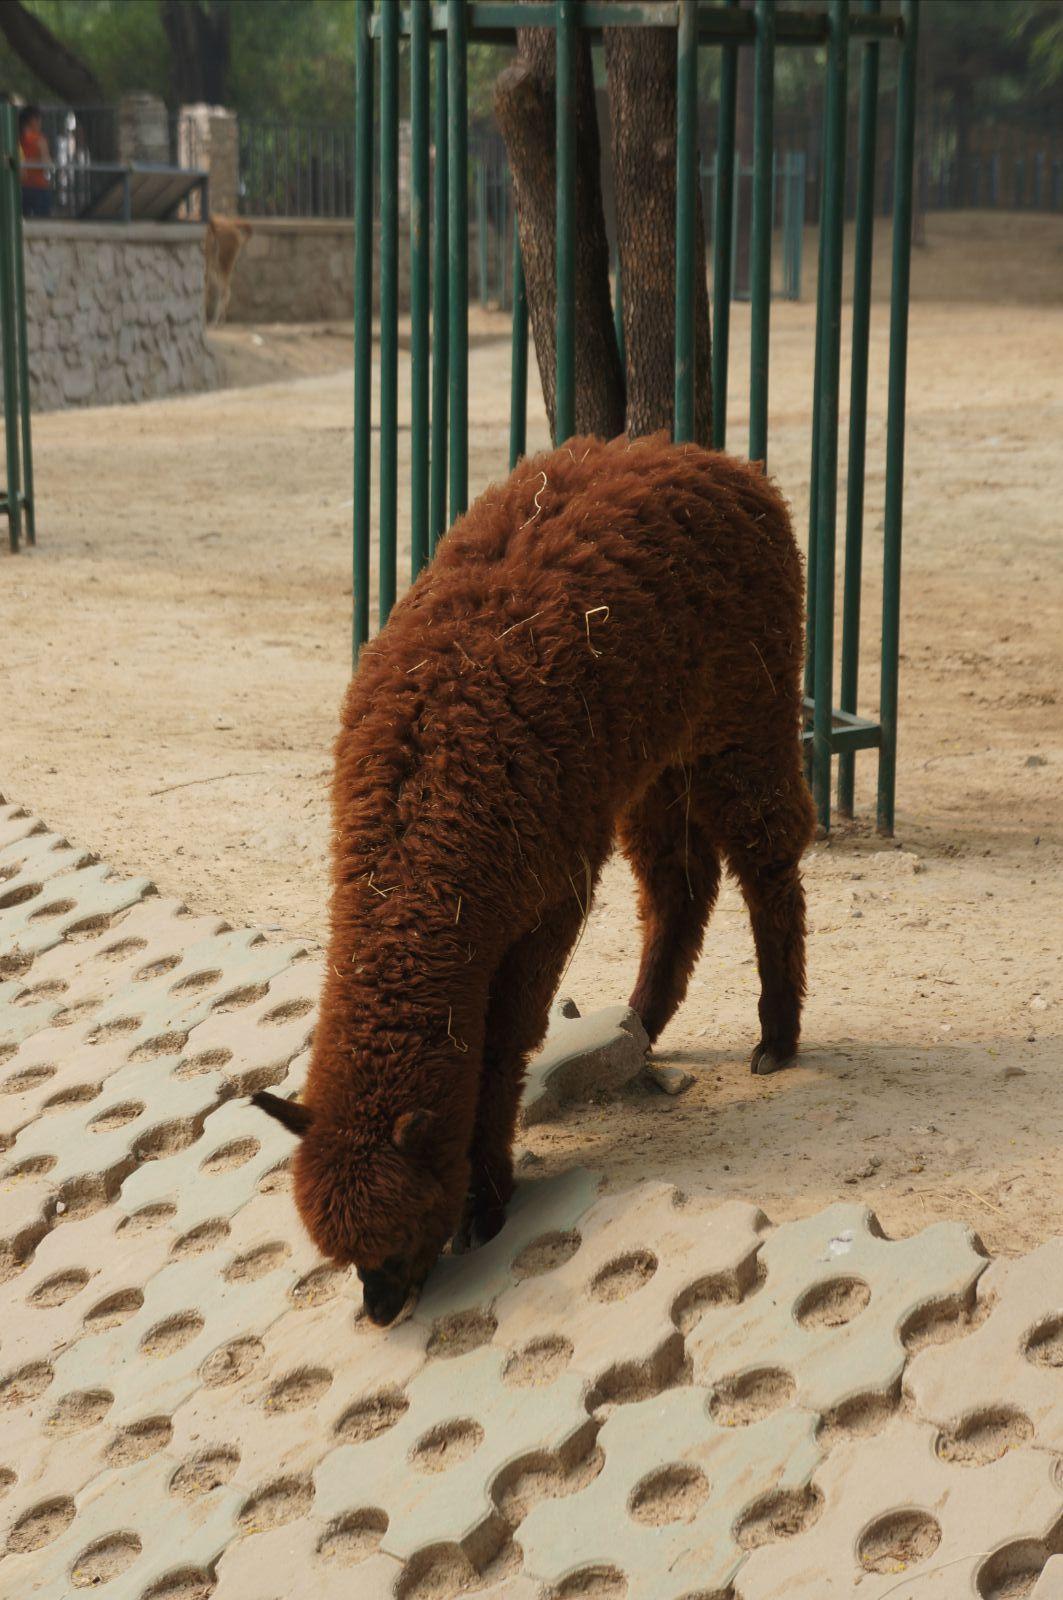 北京动物园 貘  最爱还是马来貘,黑白家族又一萌物 北京动物园 鸟苑